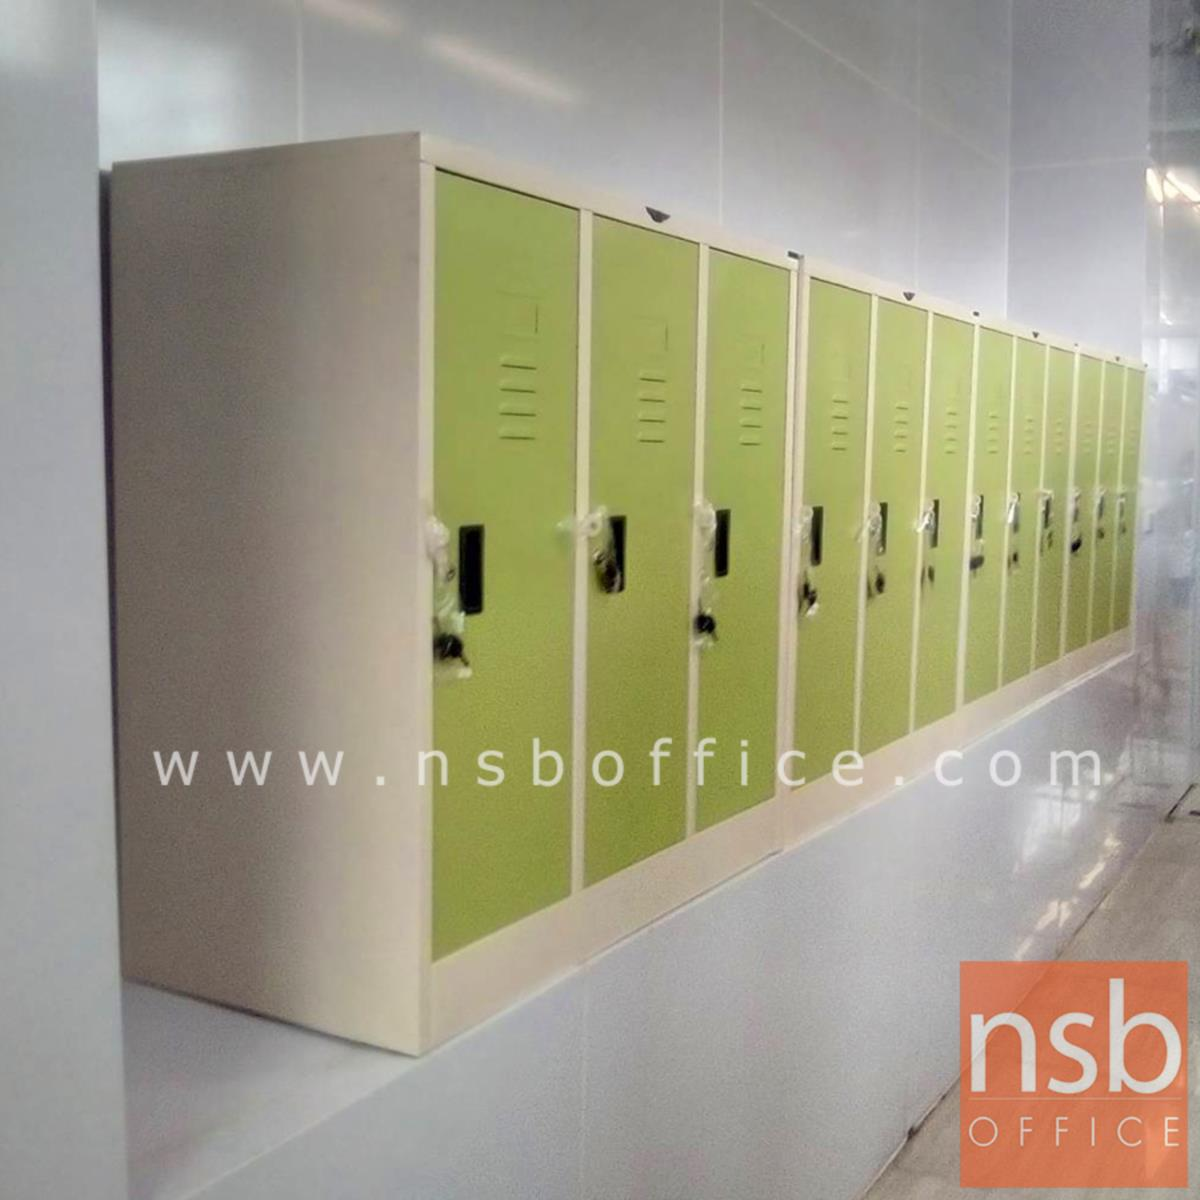 ตู้ล็อกเกอร์เหล็กเตี้ย 3 ประตู  รุ่น Blunt (บลันต์)  ขนาด 91.2W*45.7D*97.7H cm.